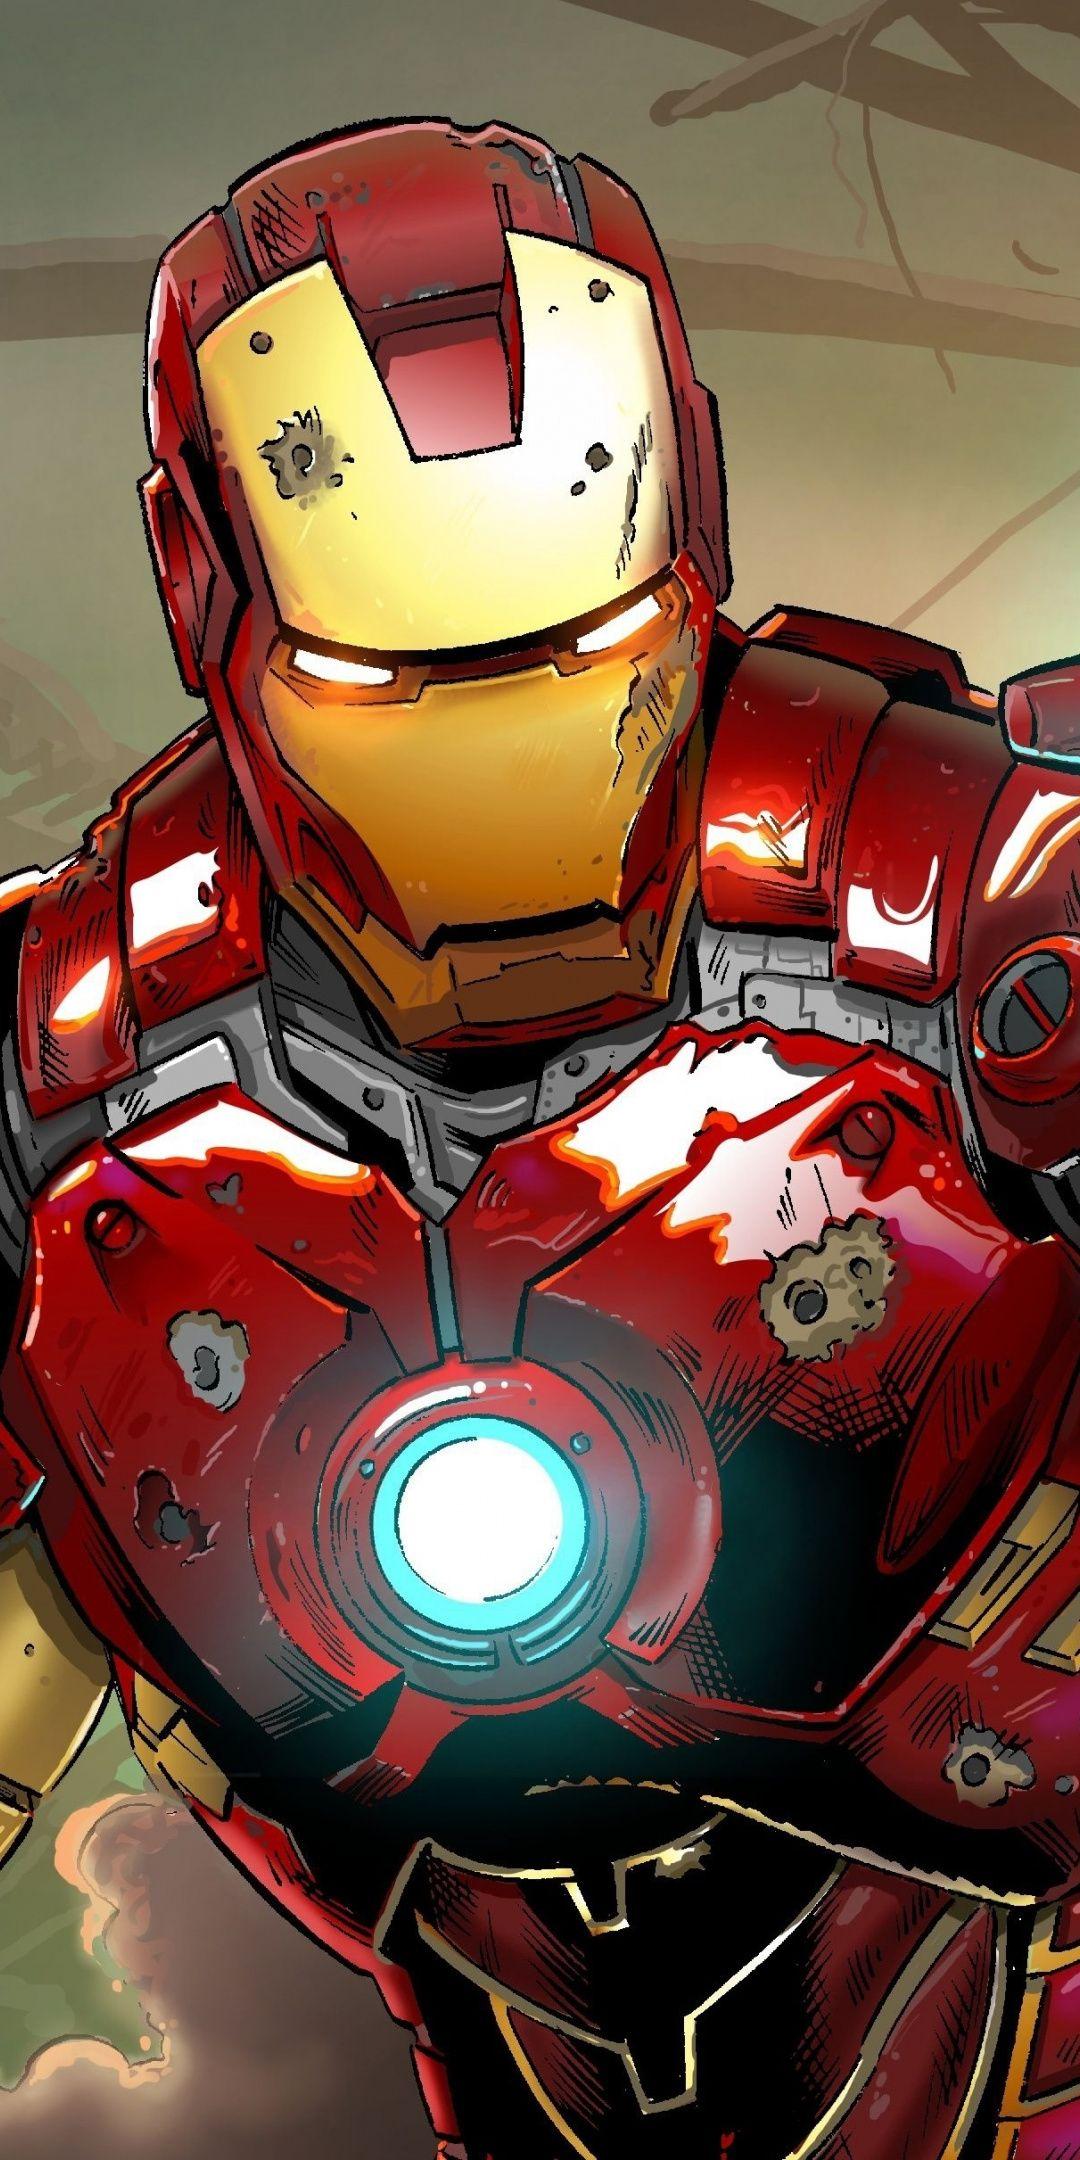 Iron Man Comicart 2019 1080x2160 Wallpaper Iron Man Art Iron Man Wallpaper Marvel Iron Man